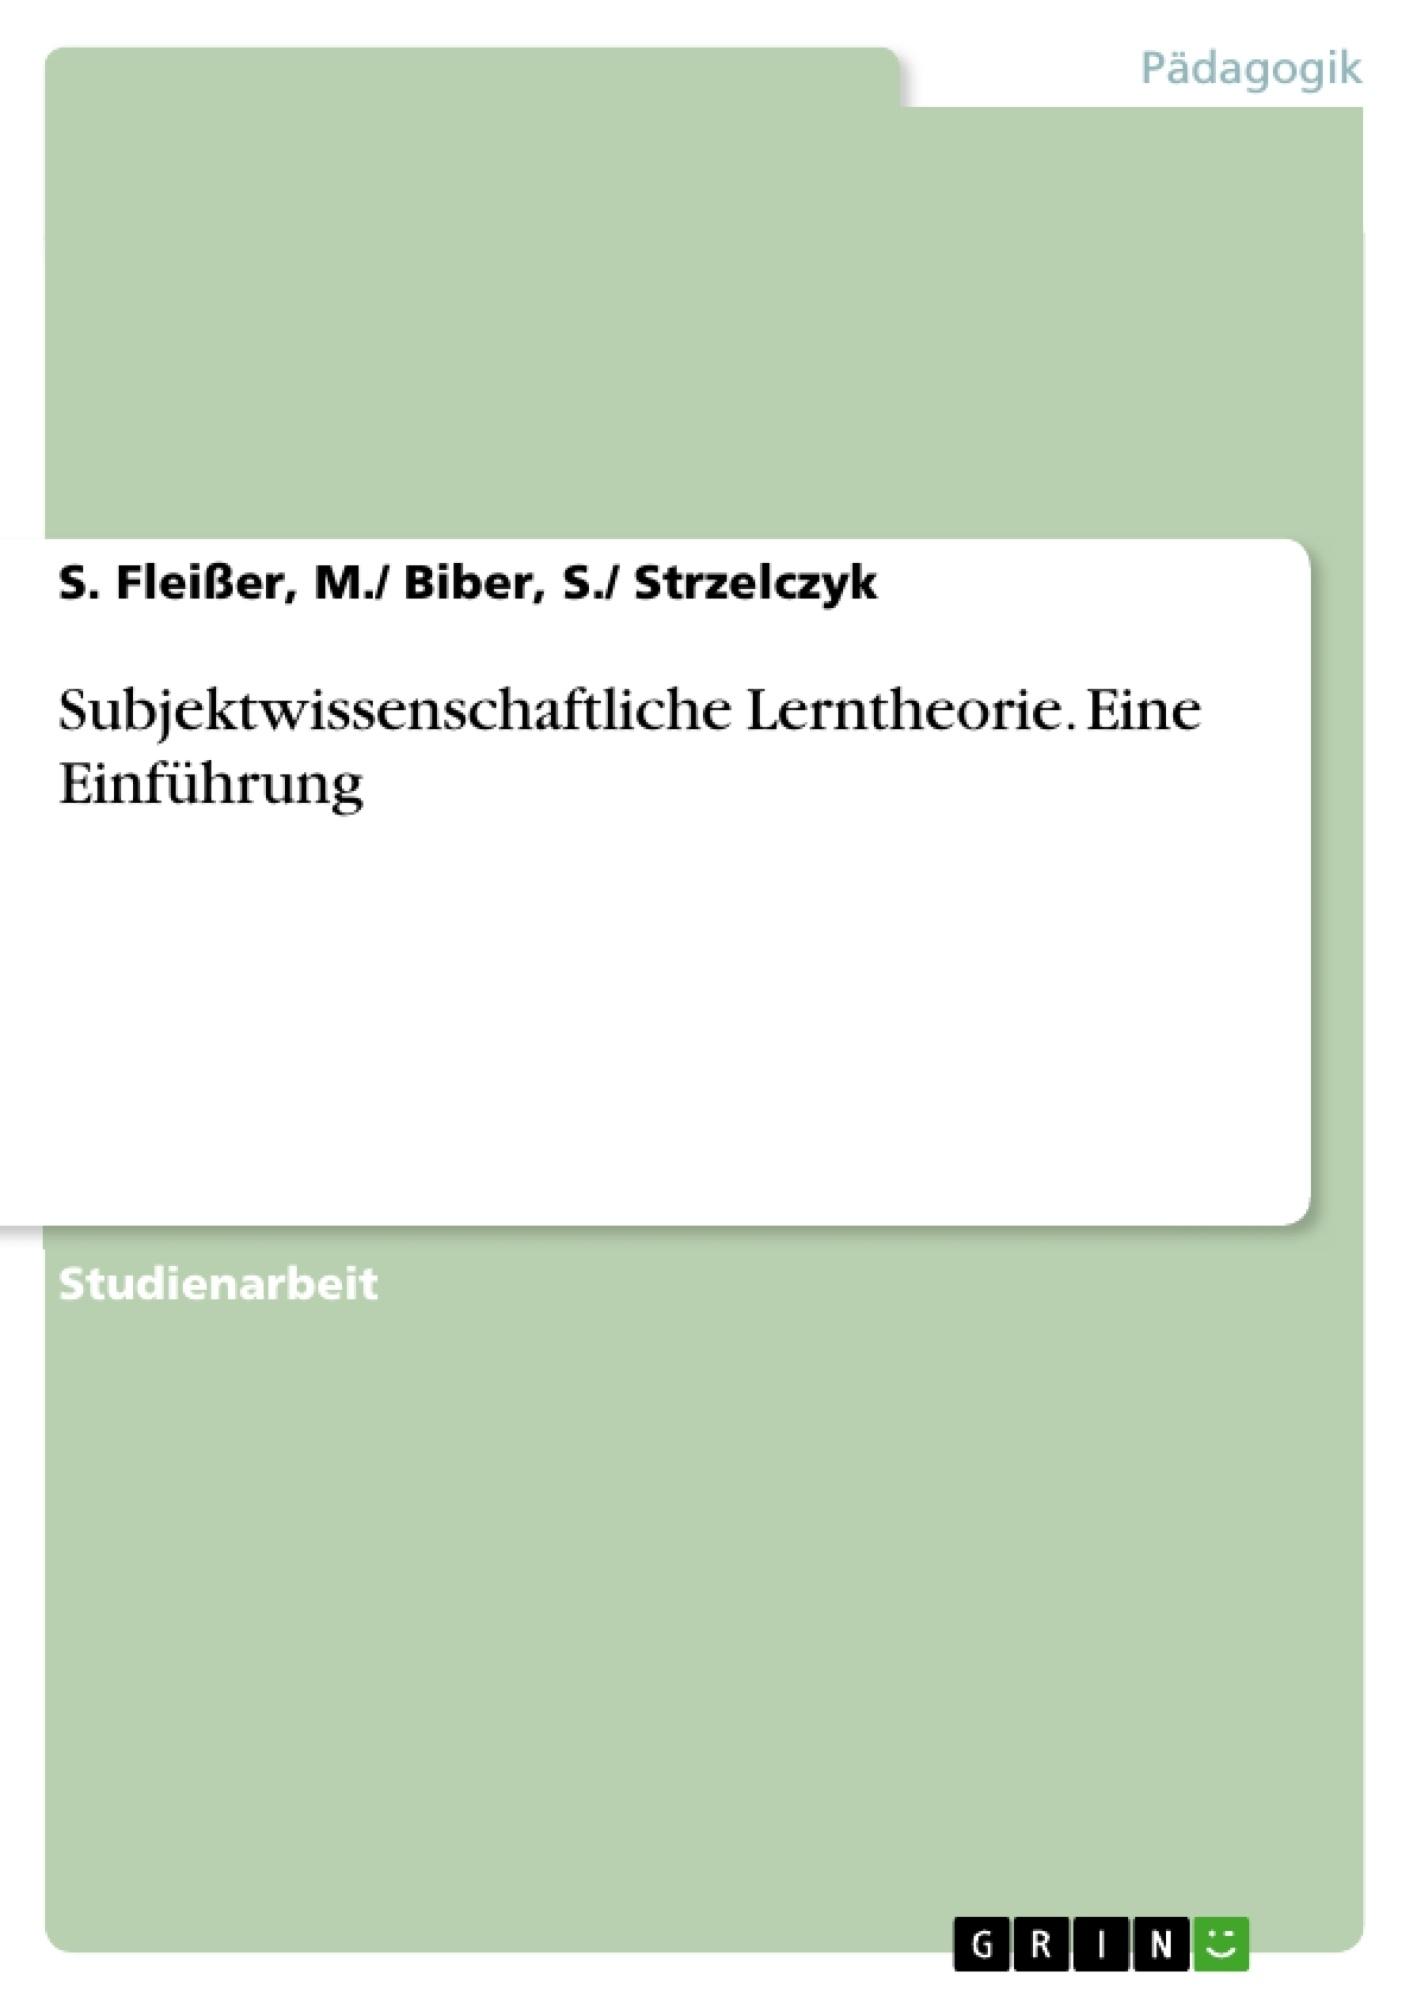 Titel: Subjektwissenschaftliche Lerntheorie. Eine Einführung